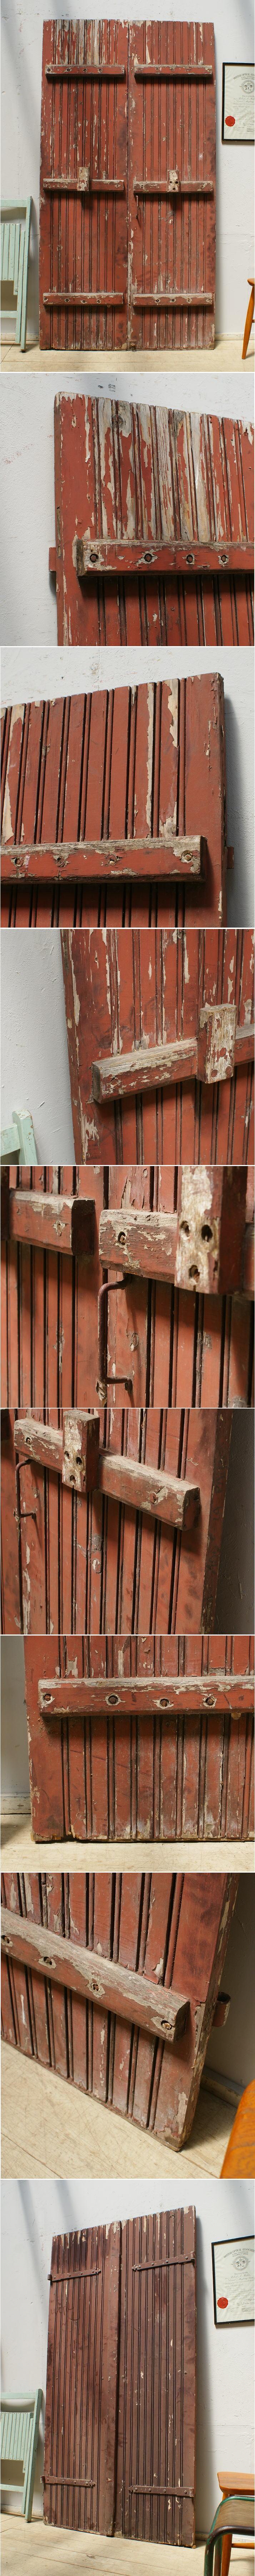 フレンチ アンティーク 木製ドア ペア 扉 ディスプレイ 建具 6405